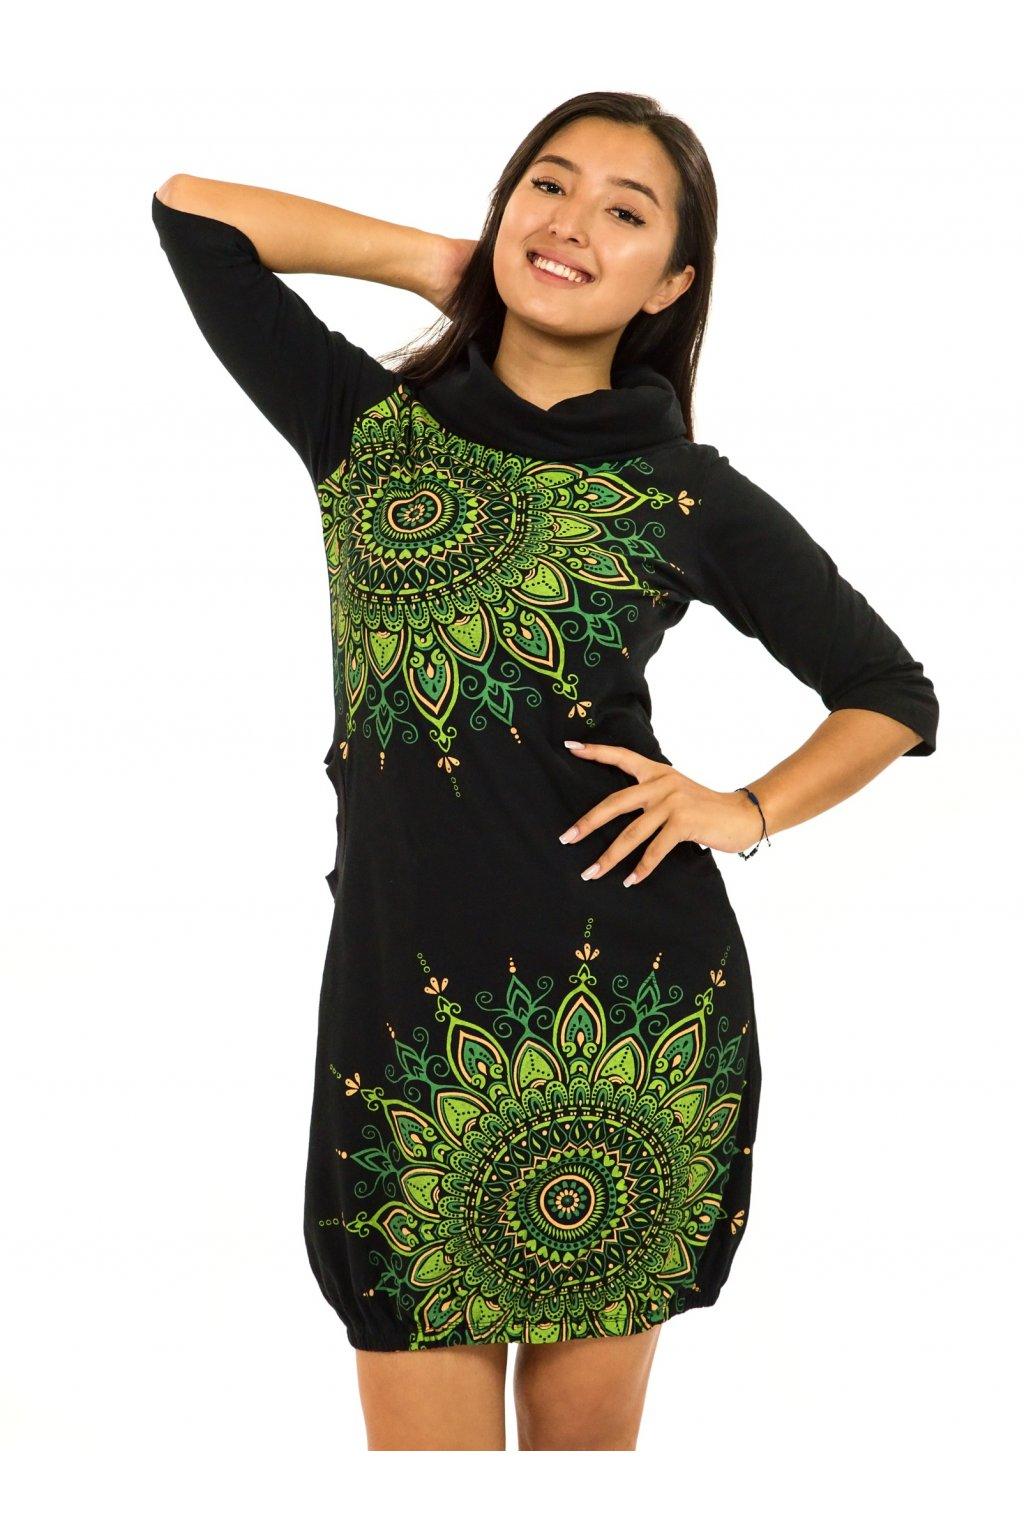 Balonové šaty s límcem Tara - černá s limetkovou